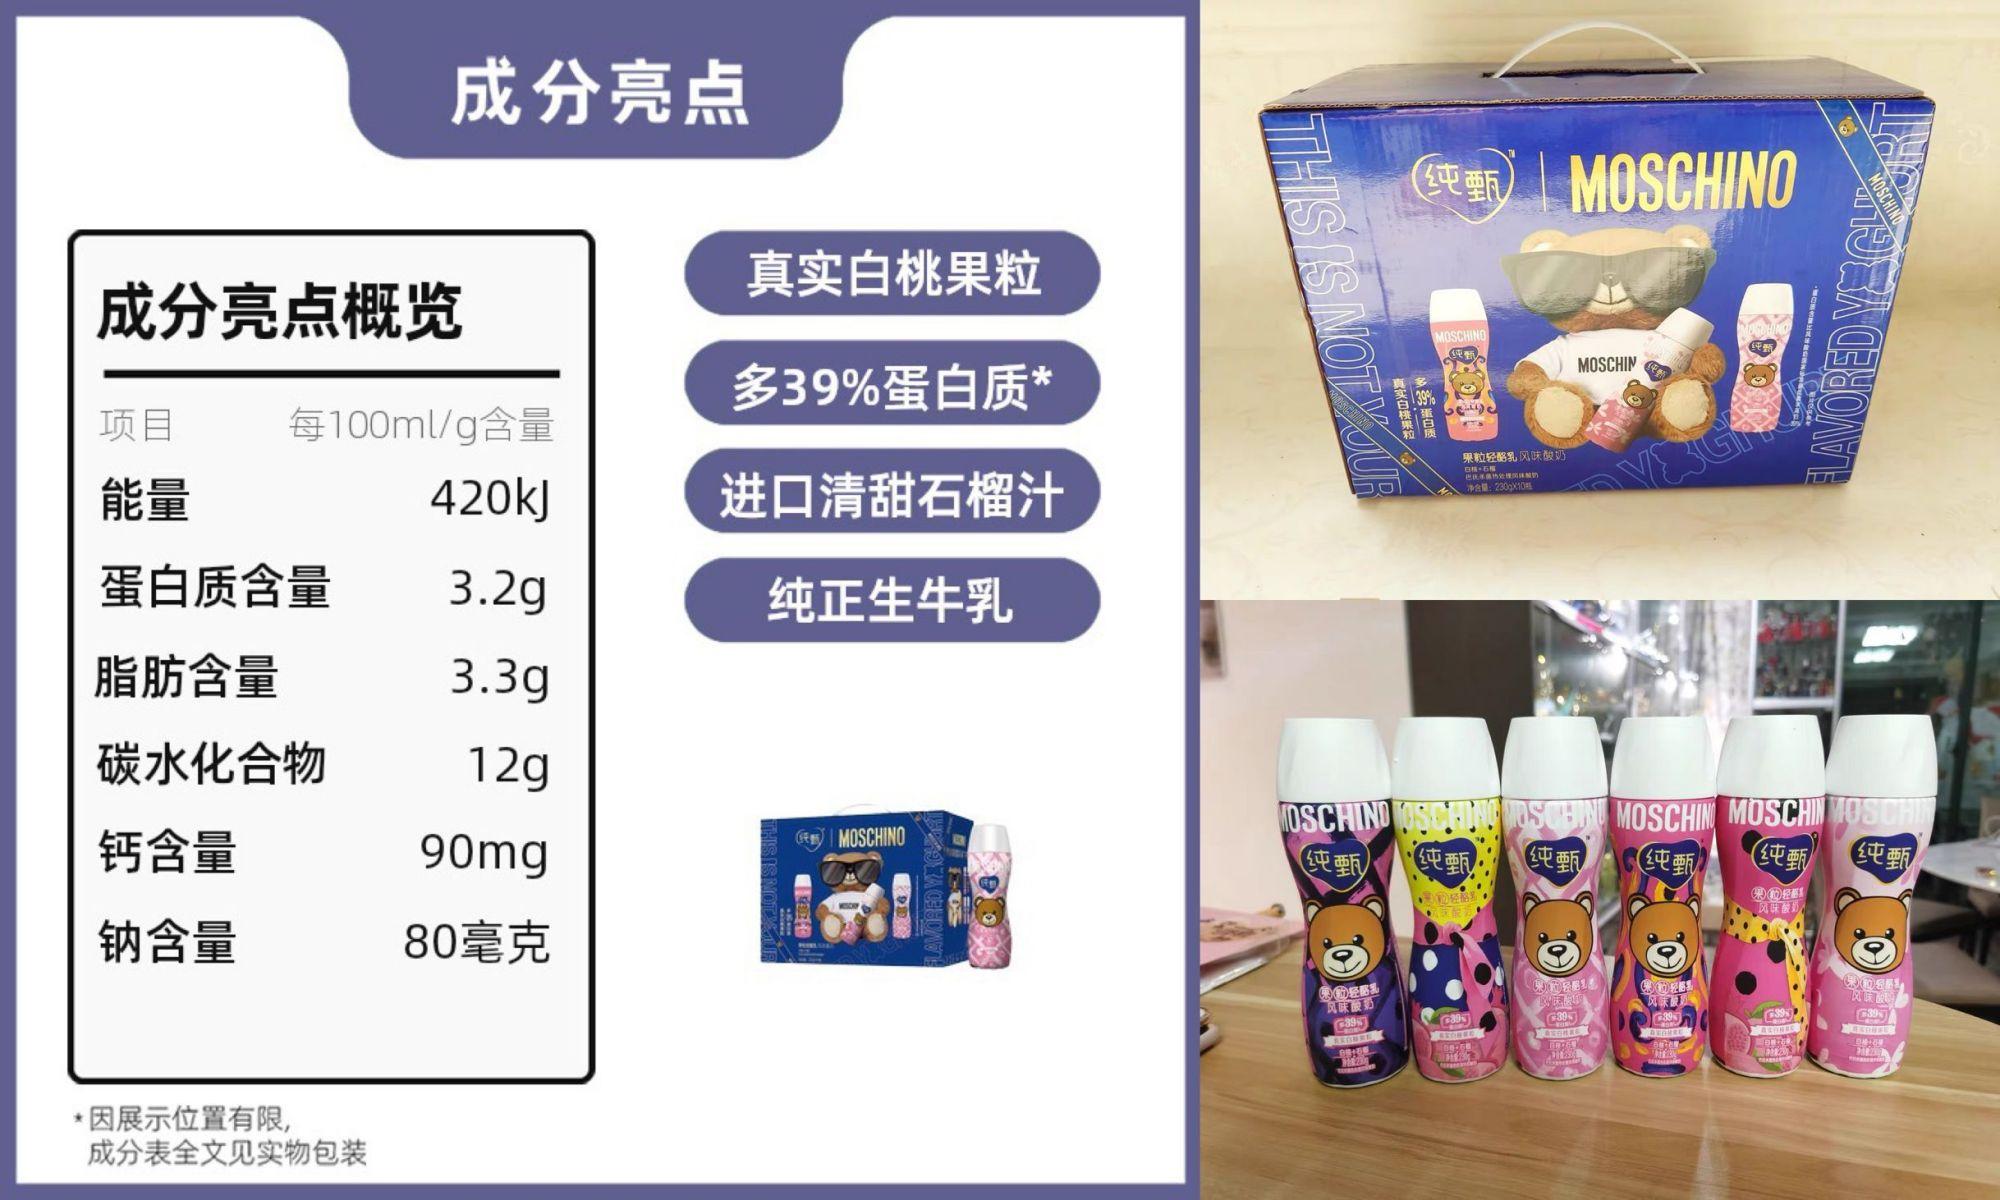 无视页面价格!拍下就立减!39撸10瓶纯甄白桃石榴味酸